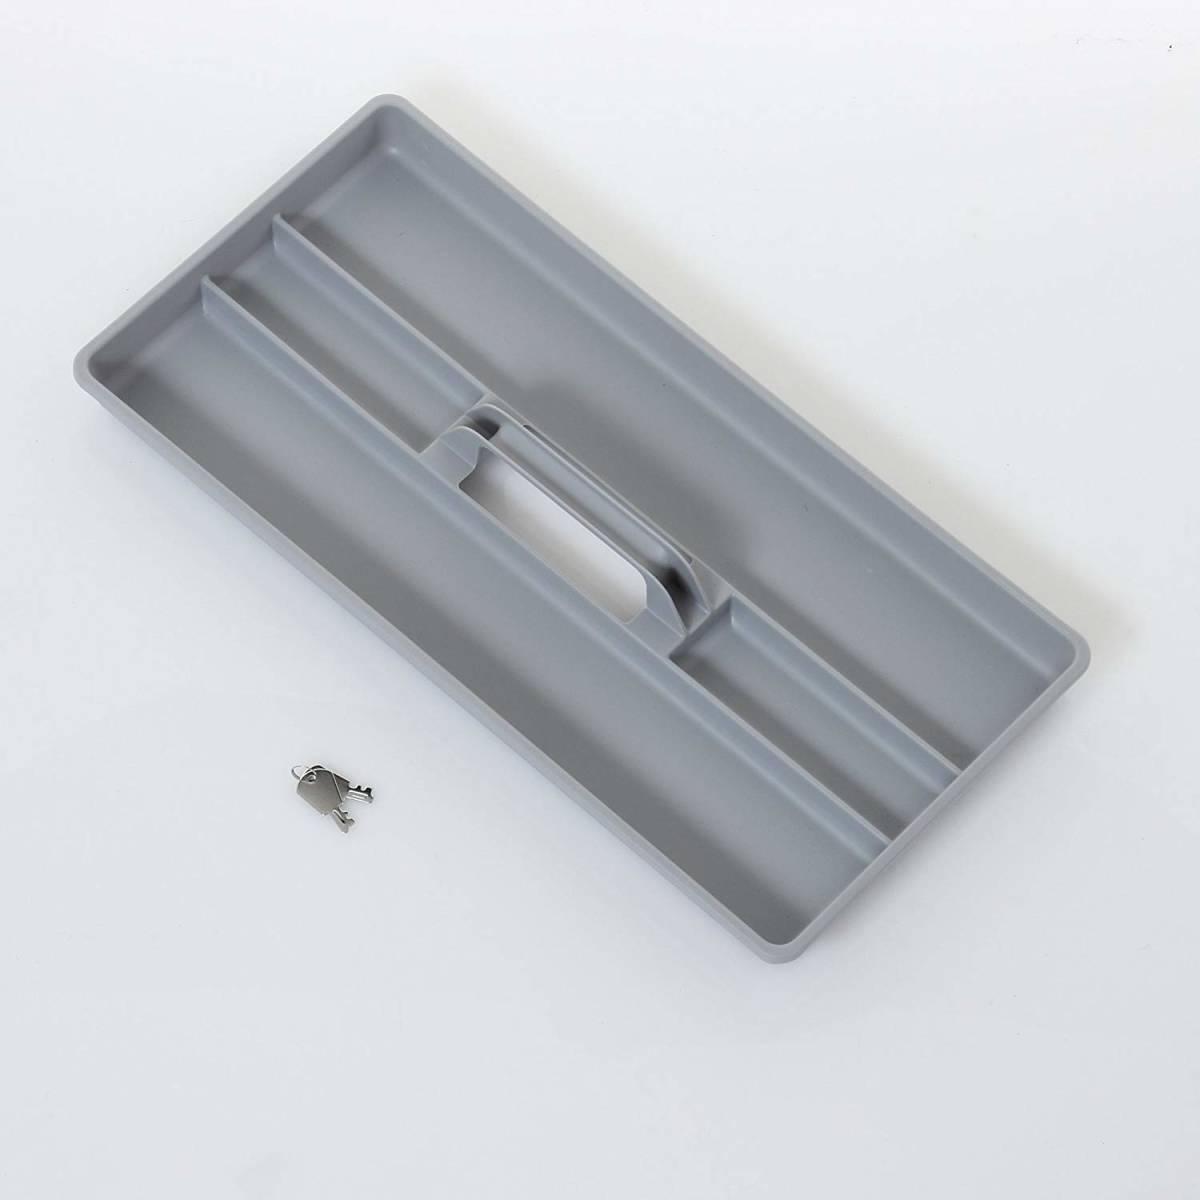 【未使用】 アイリスオーヤマ アルミケース ソリッドケース 工具収納ケース 工具箱 W約50×D約27.5×H約30.5cm SLC-50T C-179_画像3